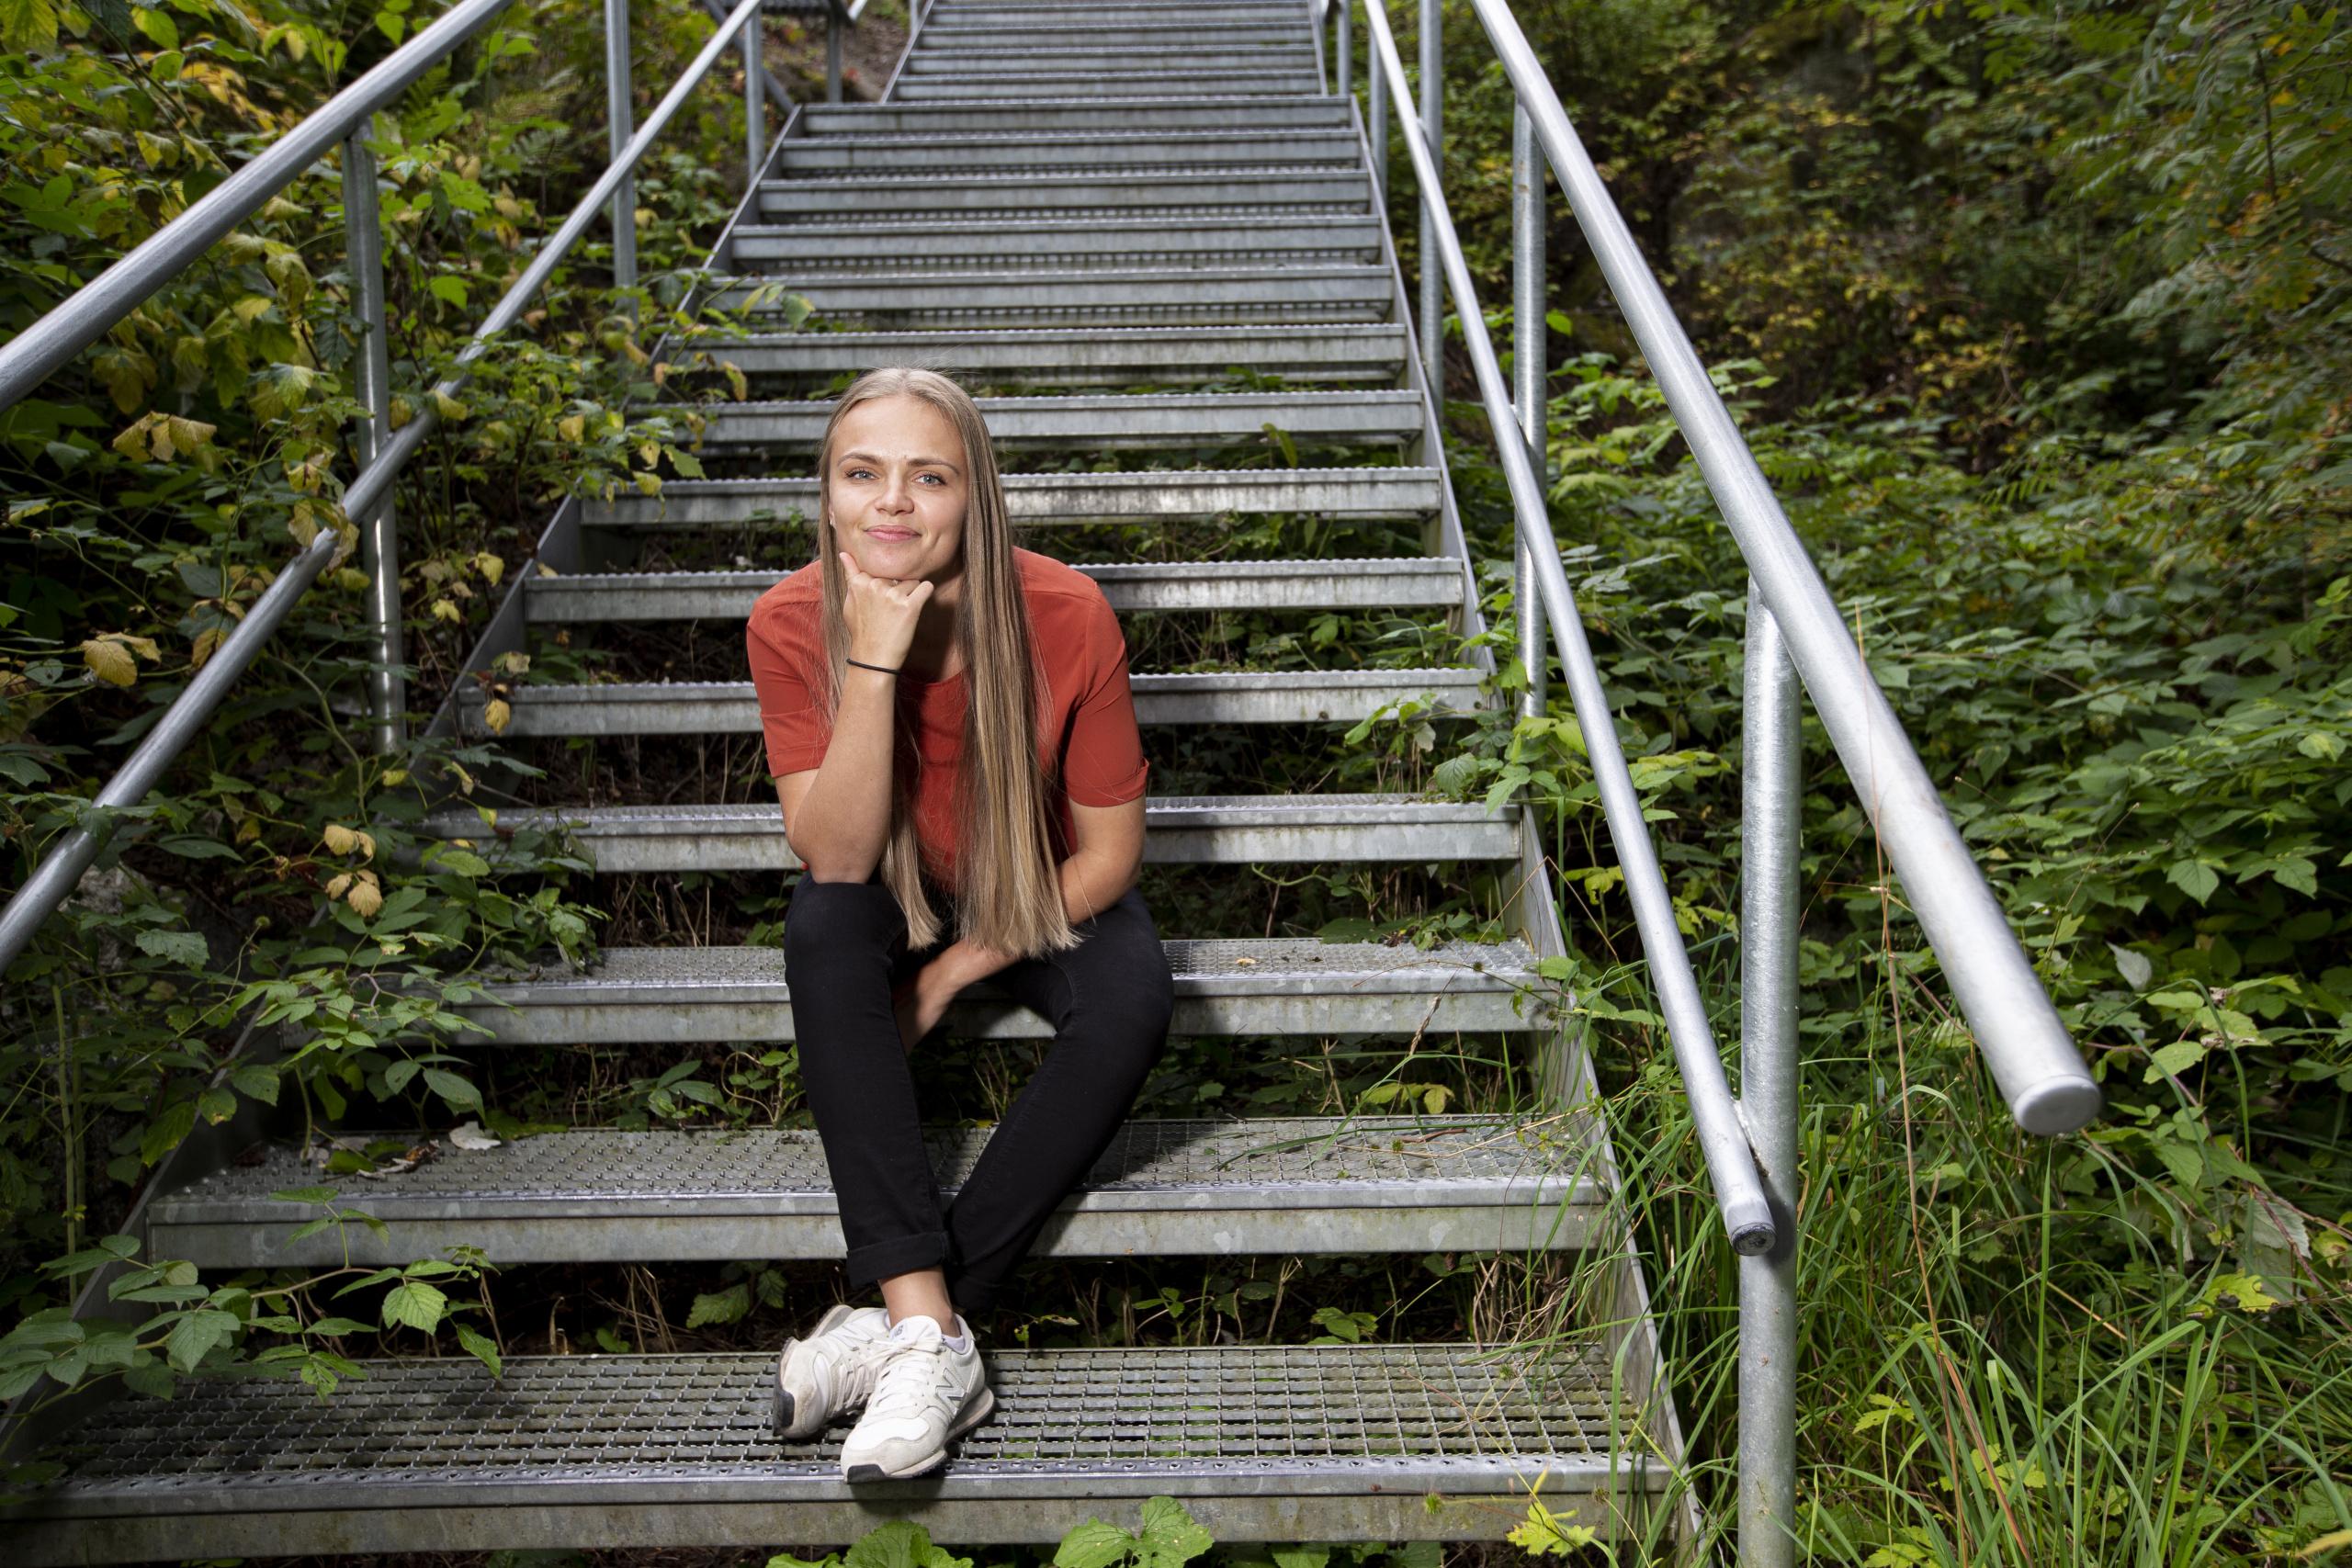 Bilde av ung kvinne i trapp